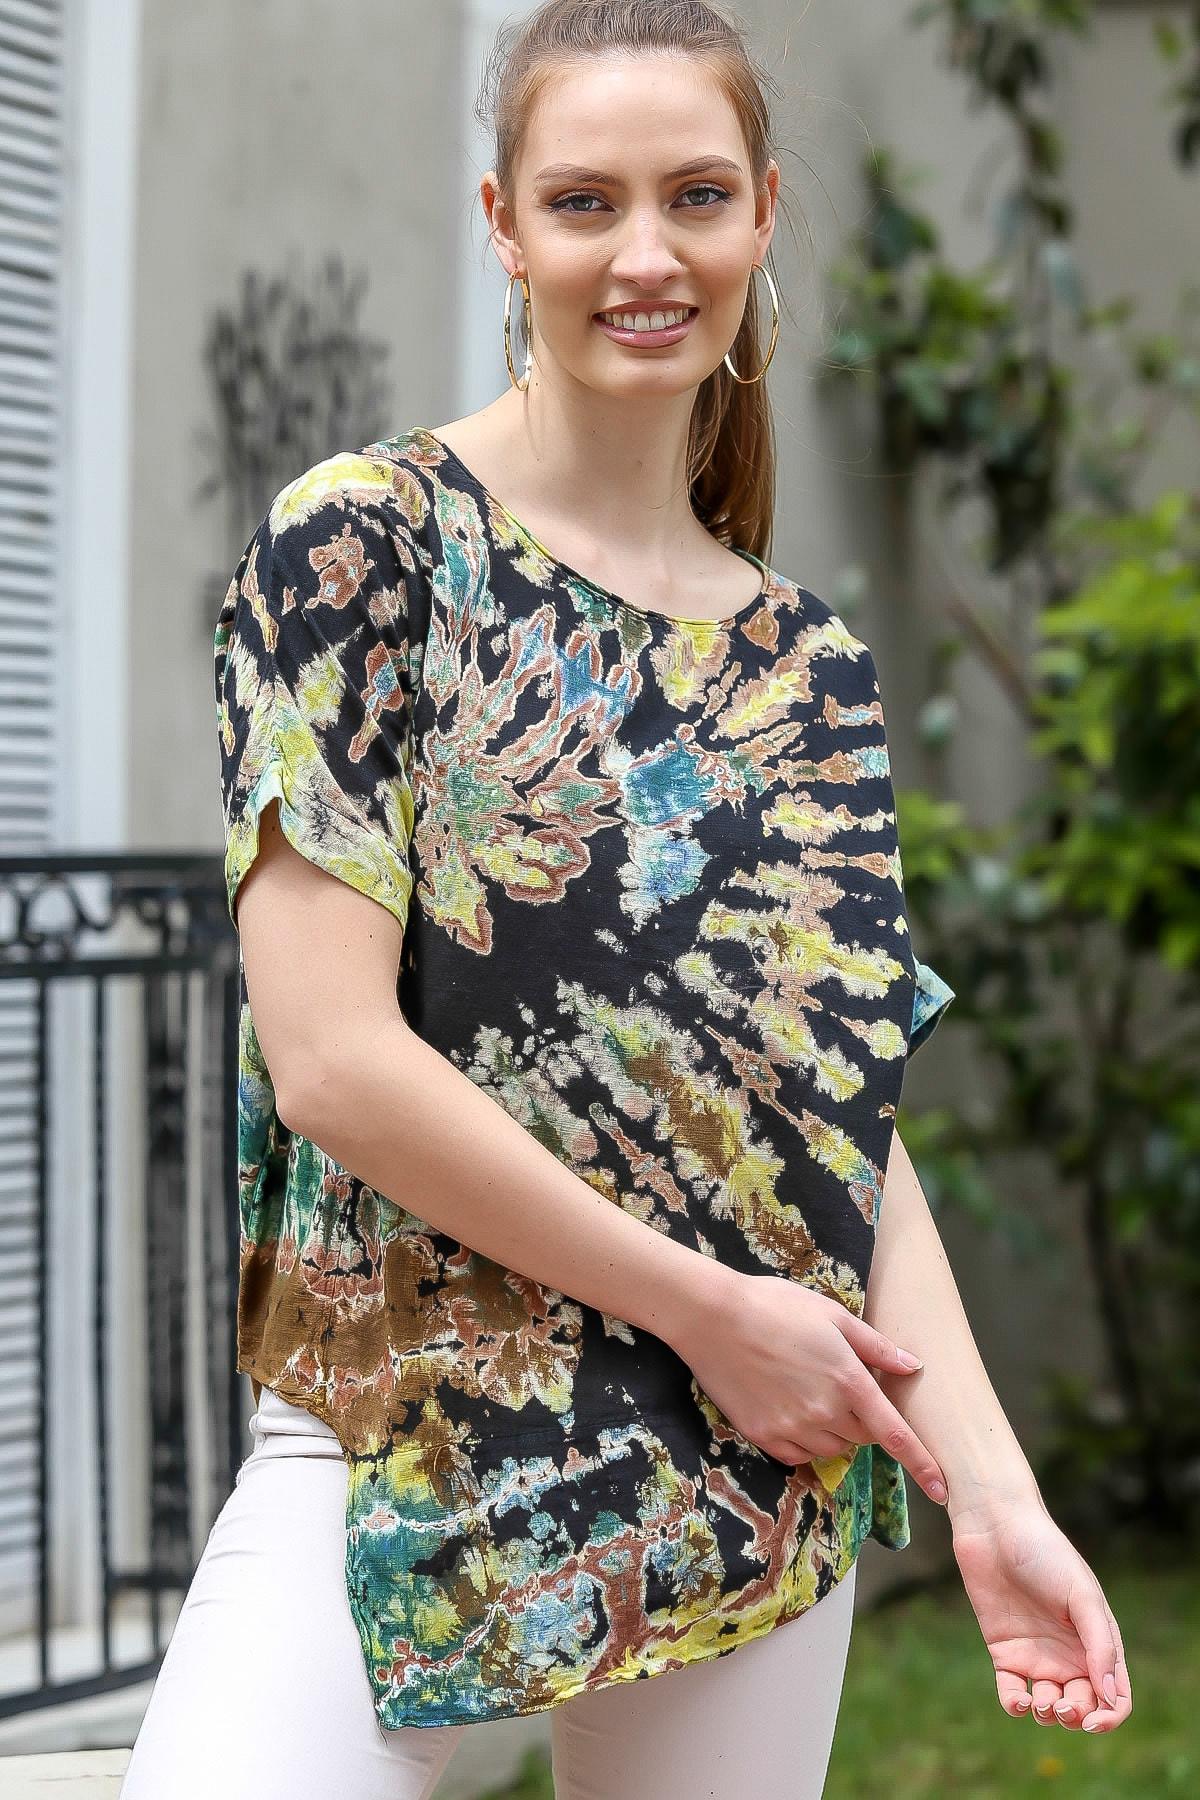 Chiccy Kadın Siyah-Bej Sıfır Yaka Batik Desenli Dokuma Salaş Bluz M10010200BL95416 3